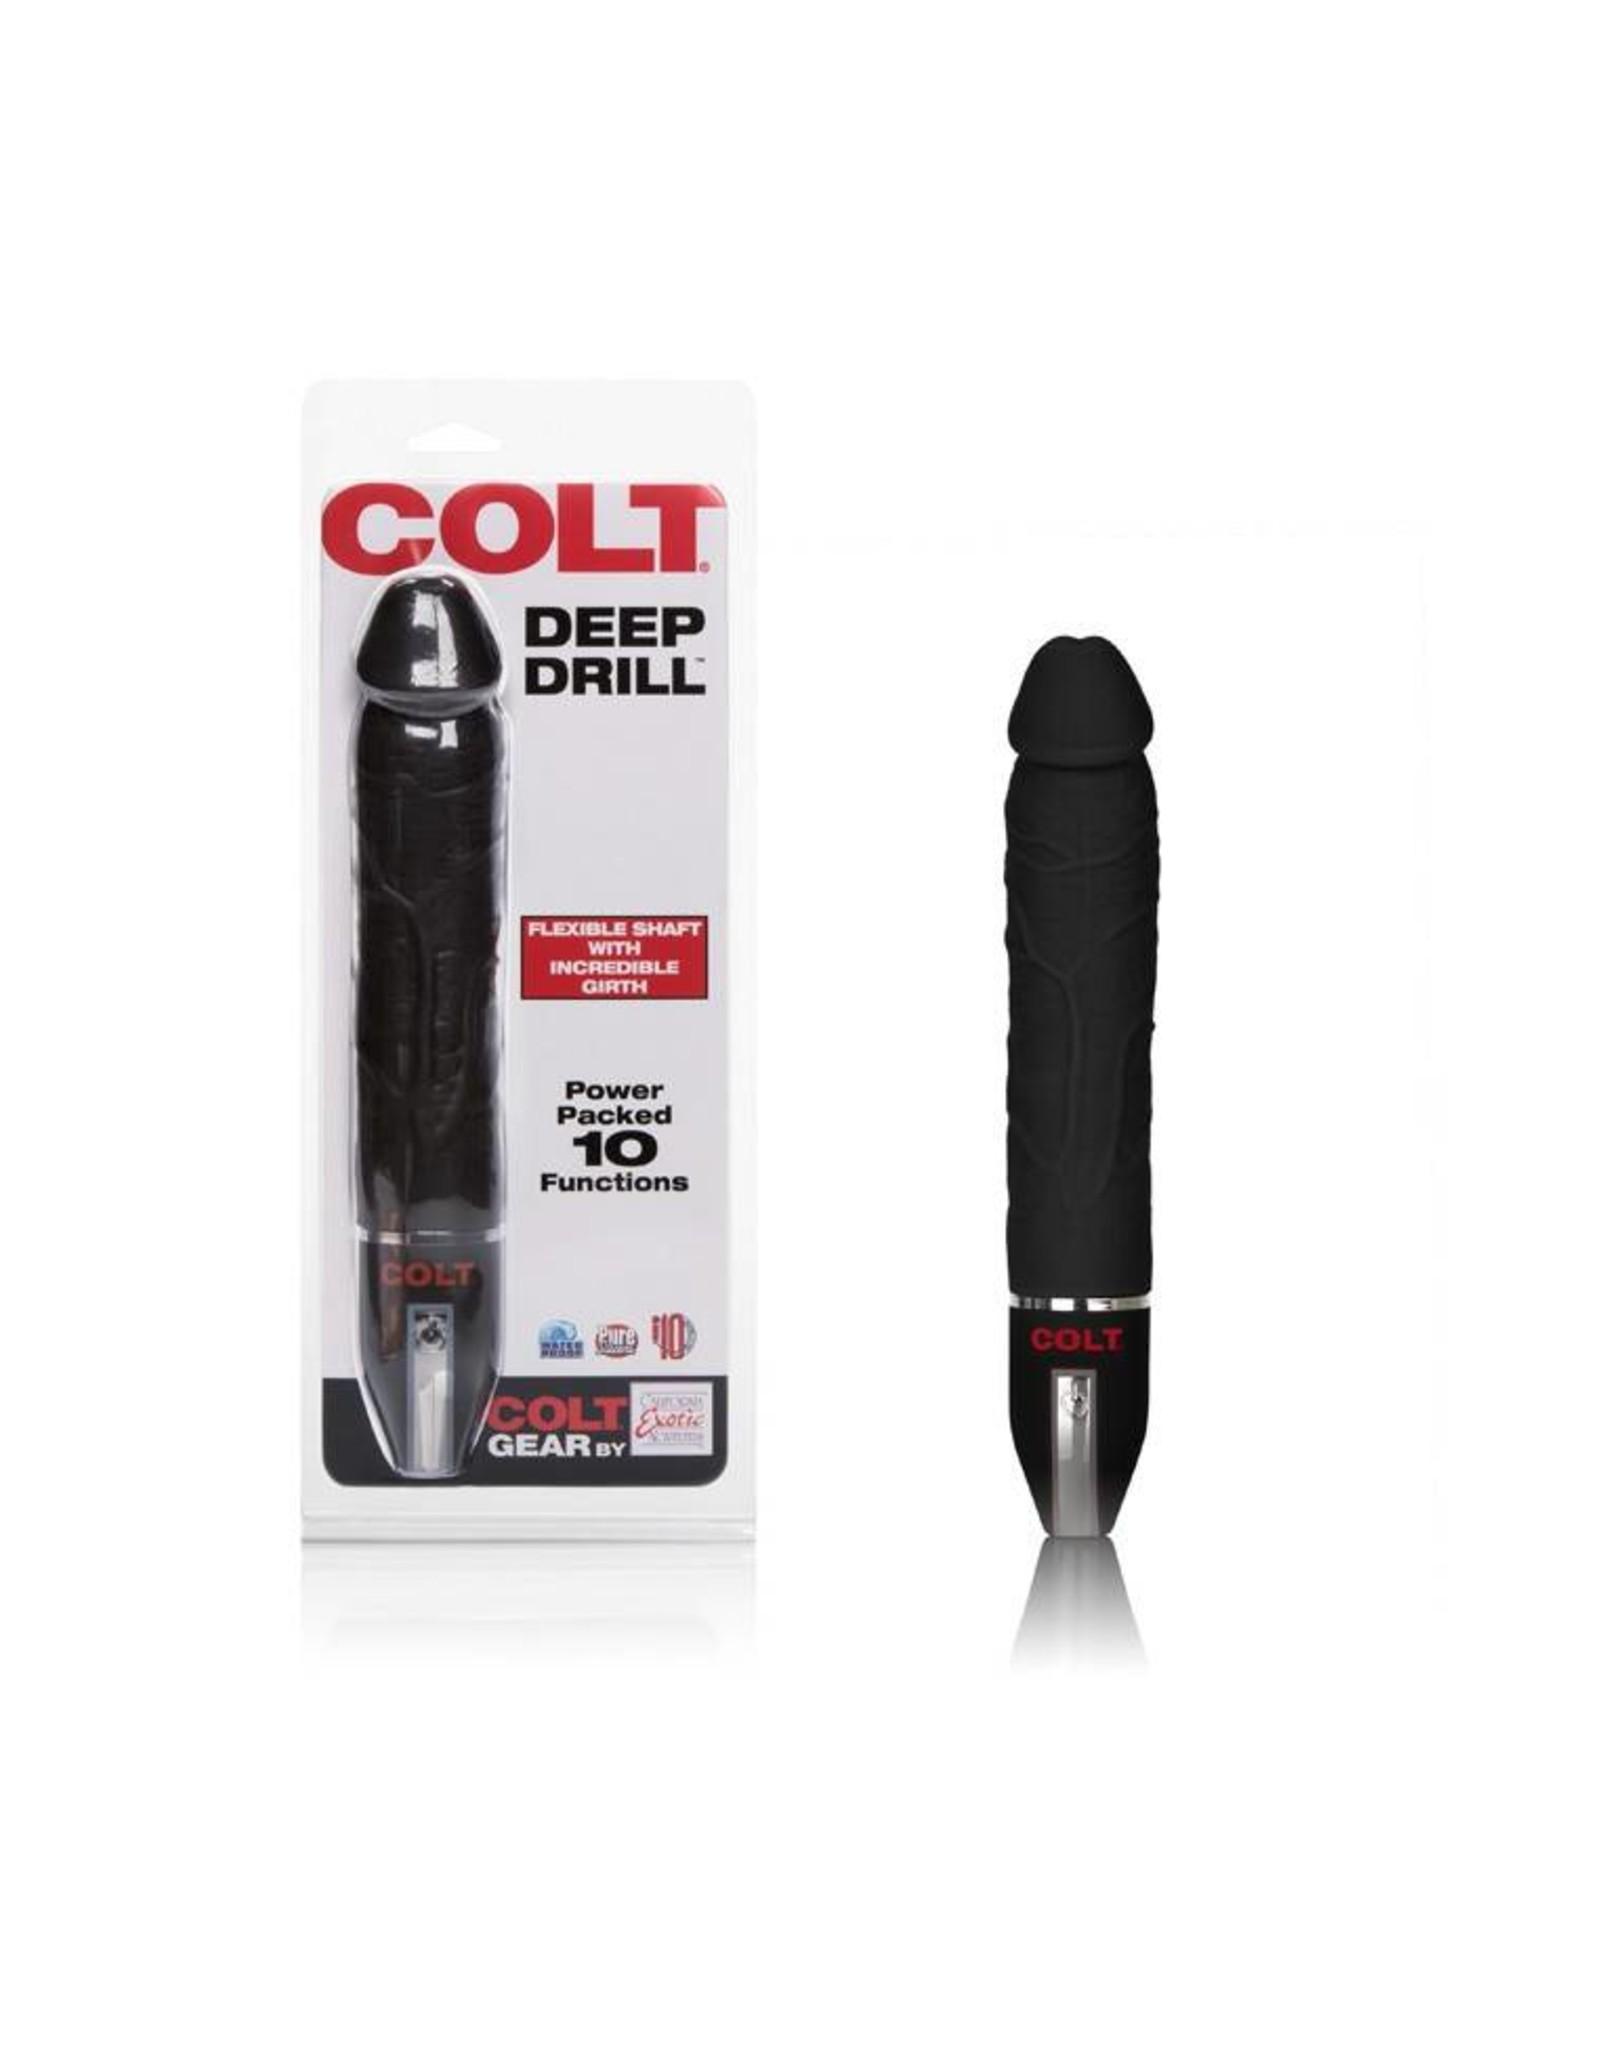 Colt COLT Deep Drill